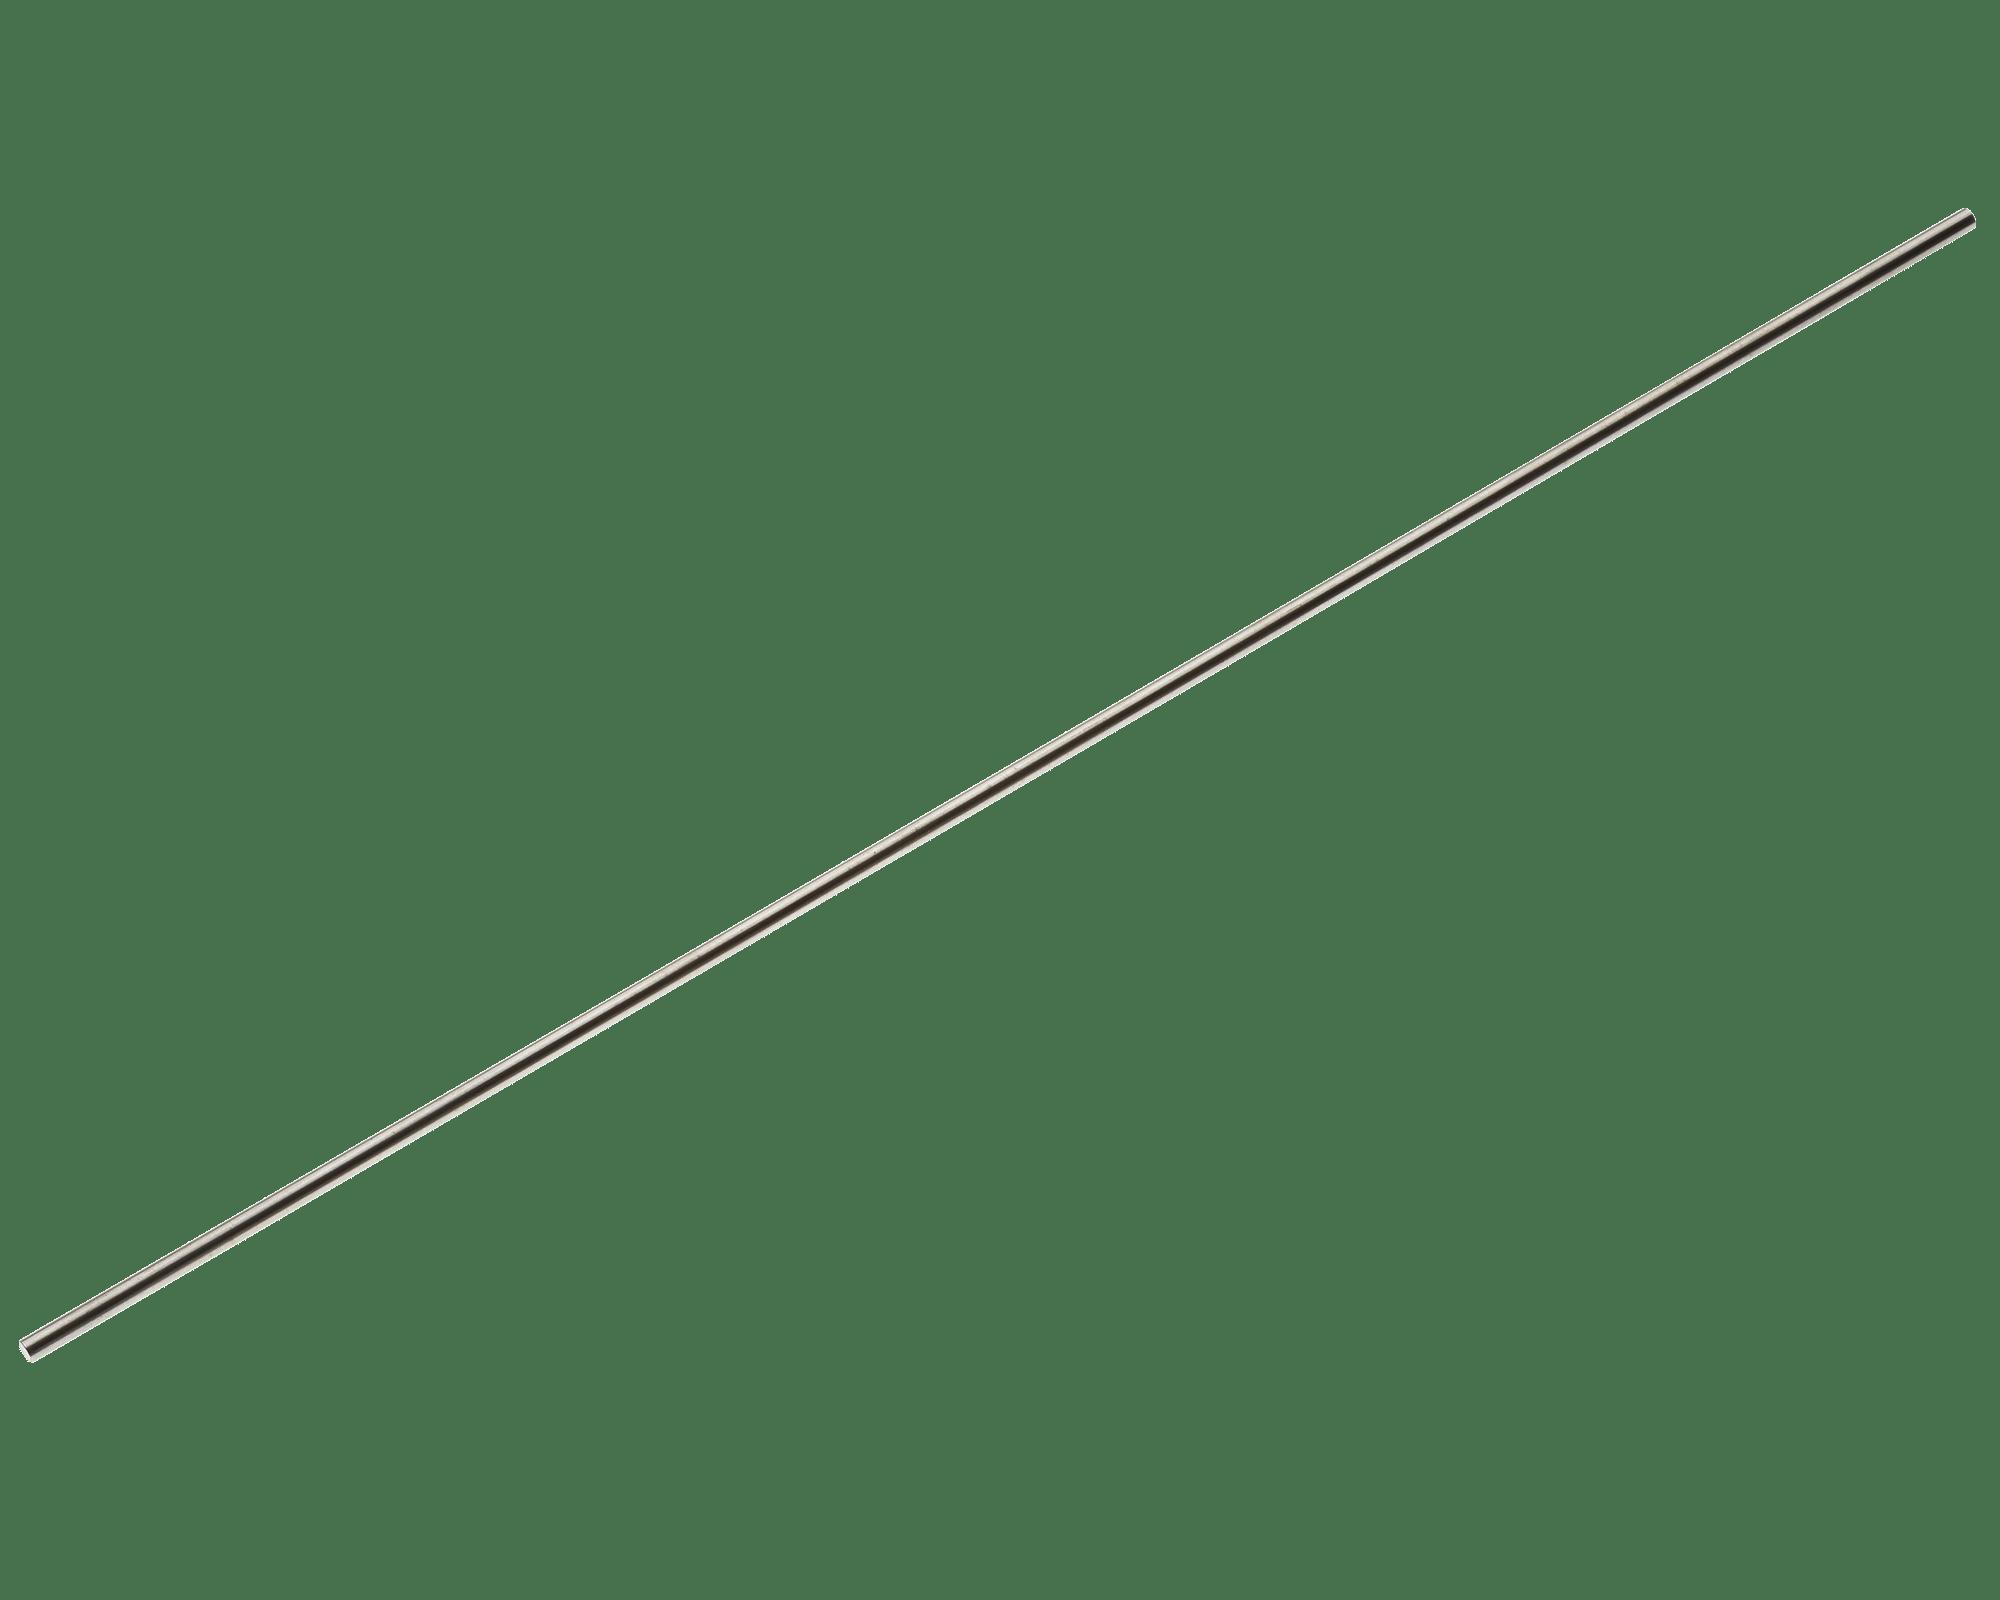 """ER0413 Electrode Rod <br>1/8"""" OD, 12"""" Length <br> RWMA 13"""